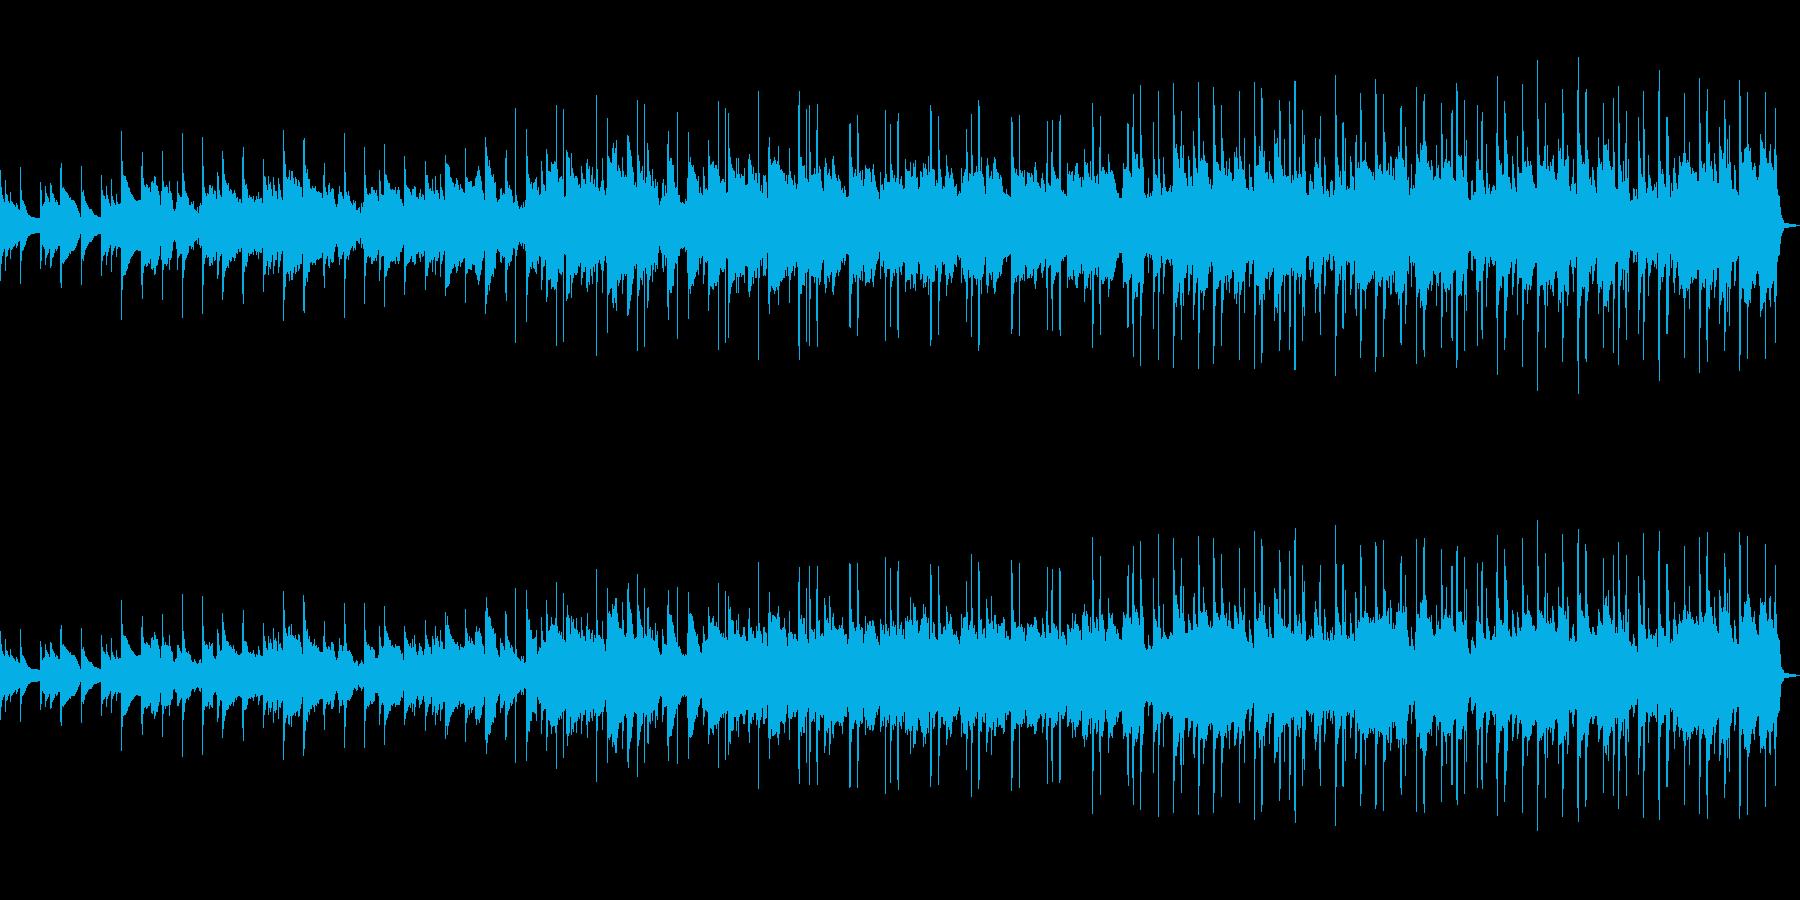 エレピメインの切ない曲の再生済みの波形